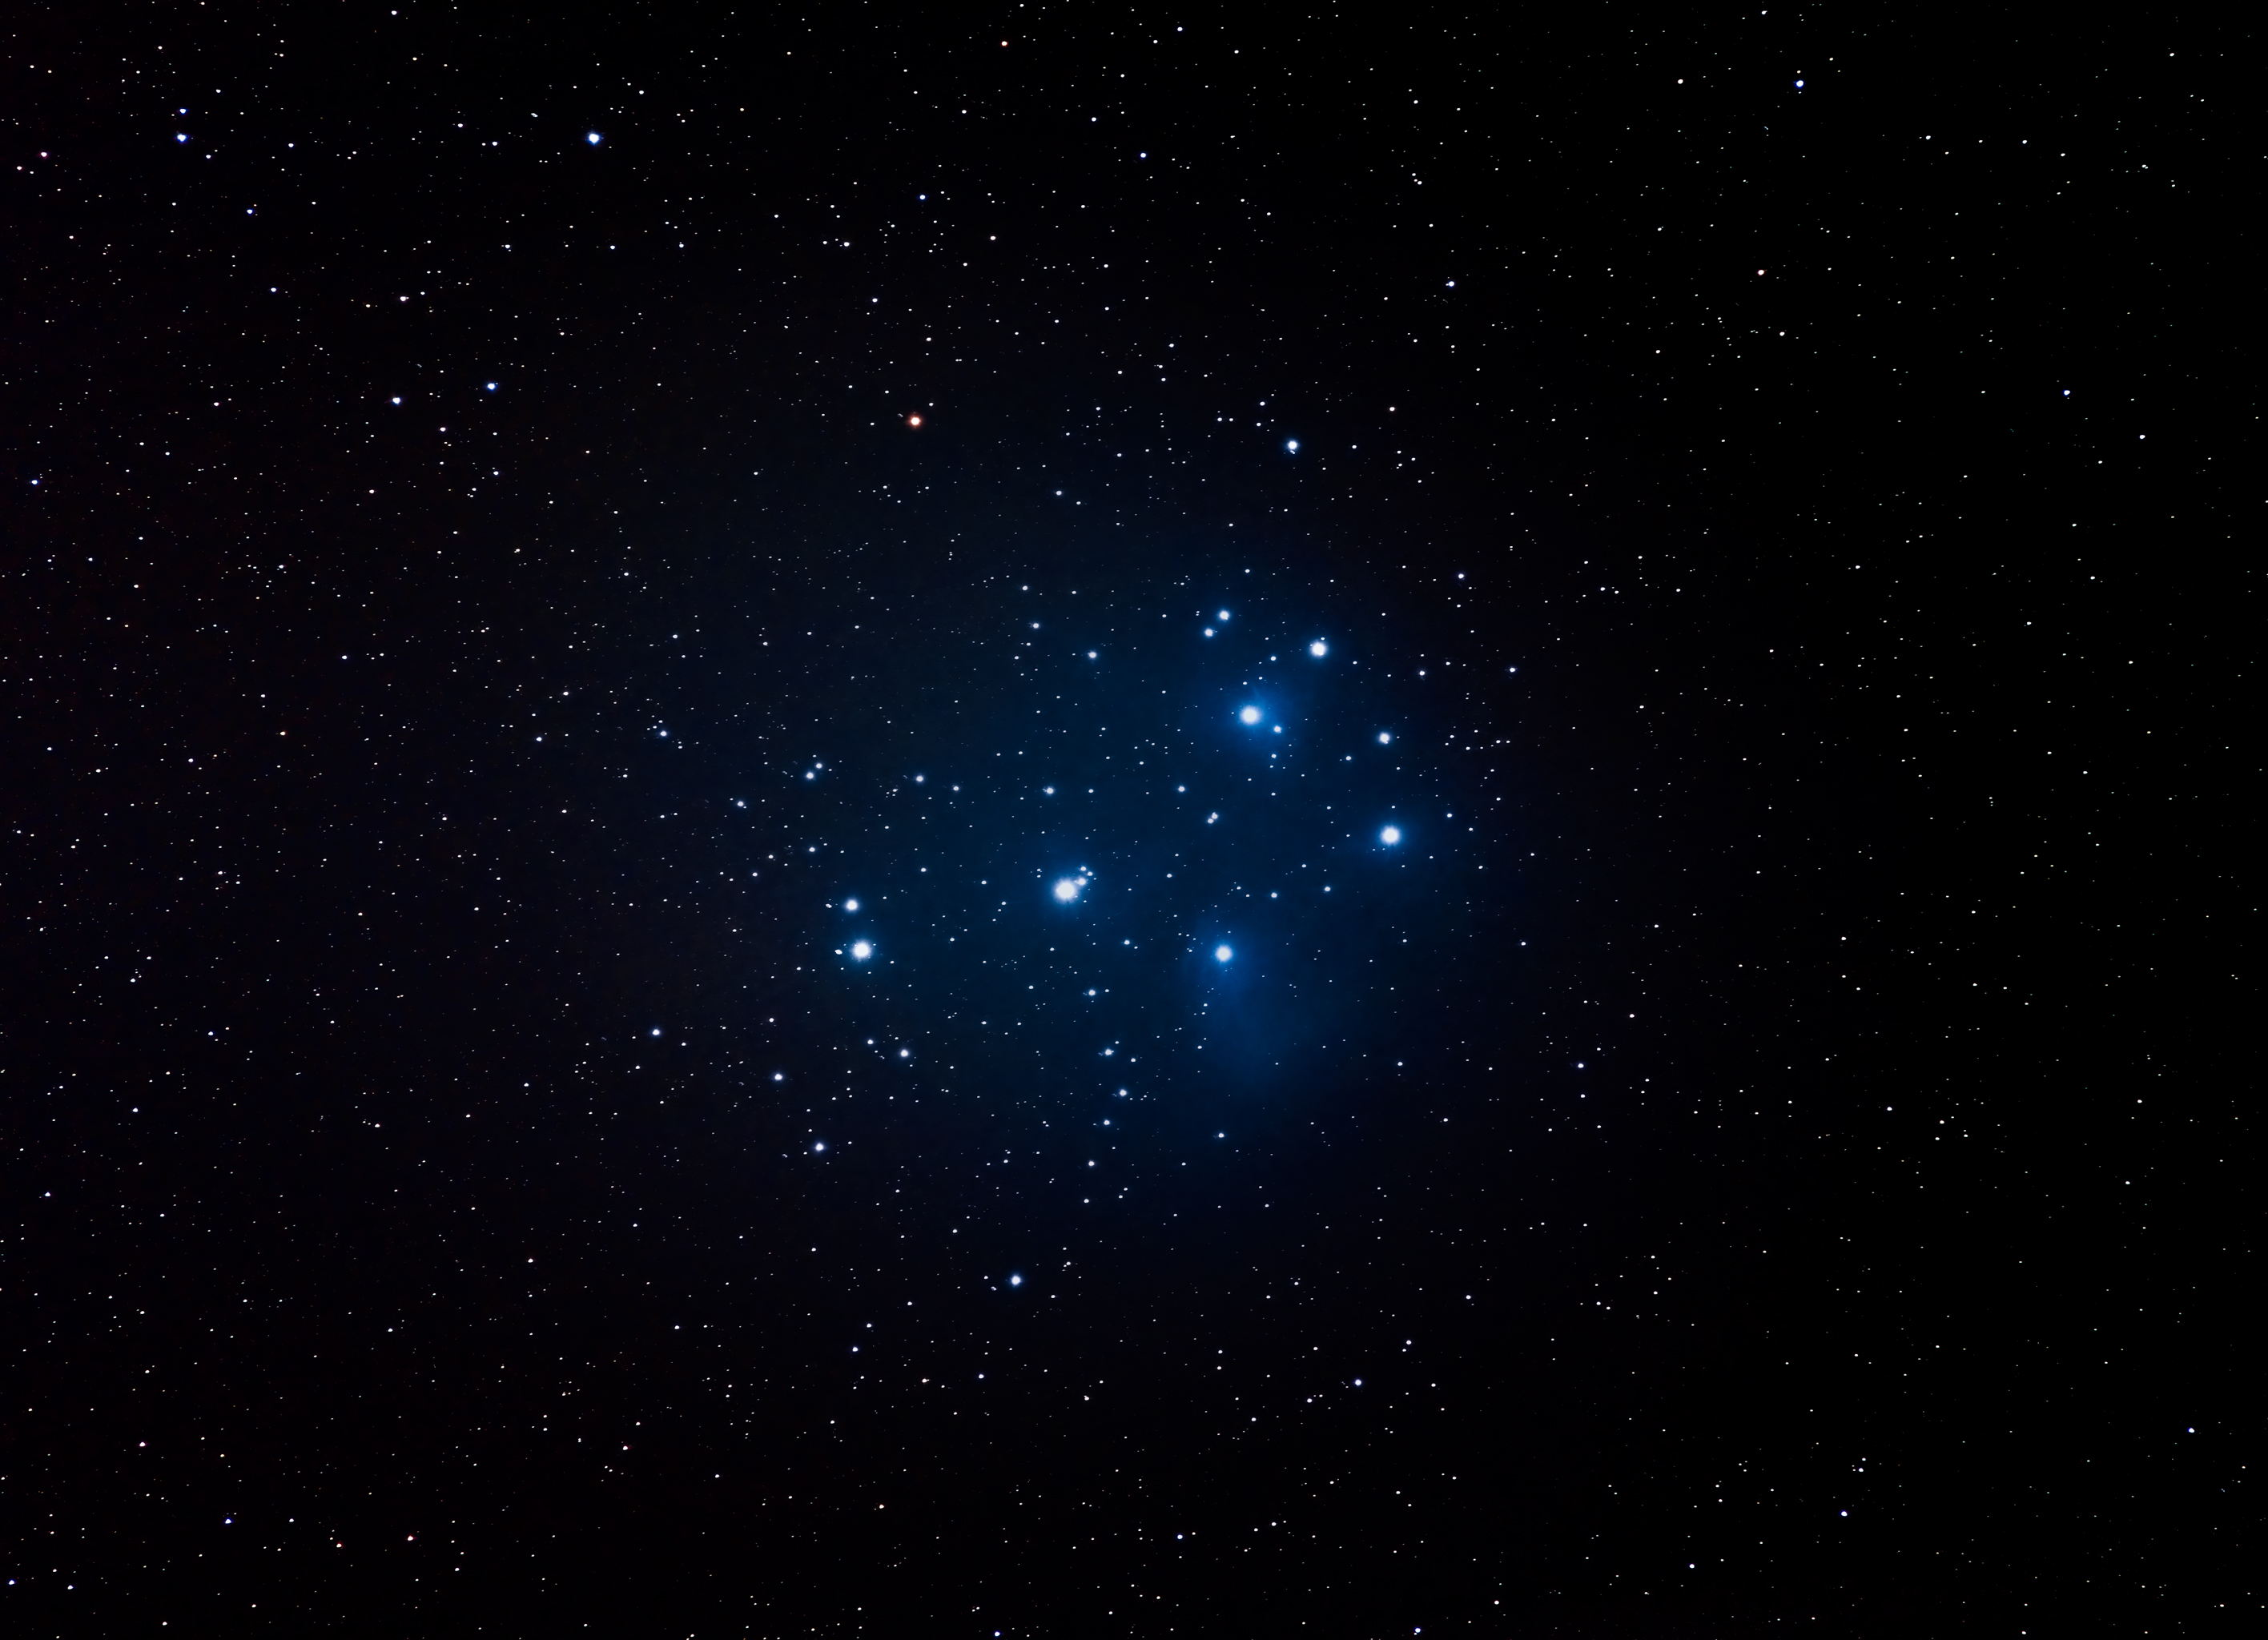 免費壁紙84627:星座, 星云, 宇宙, 闪耀, 光, 蓝色的, 星级 下載手機圖片